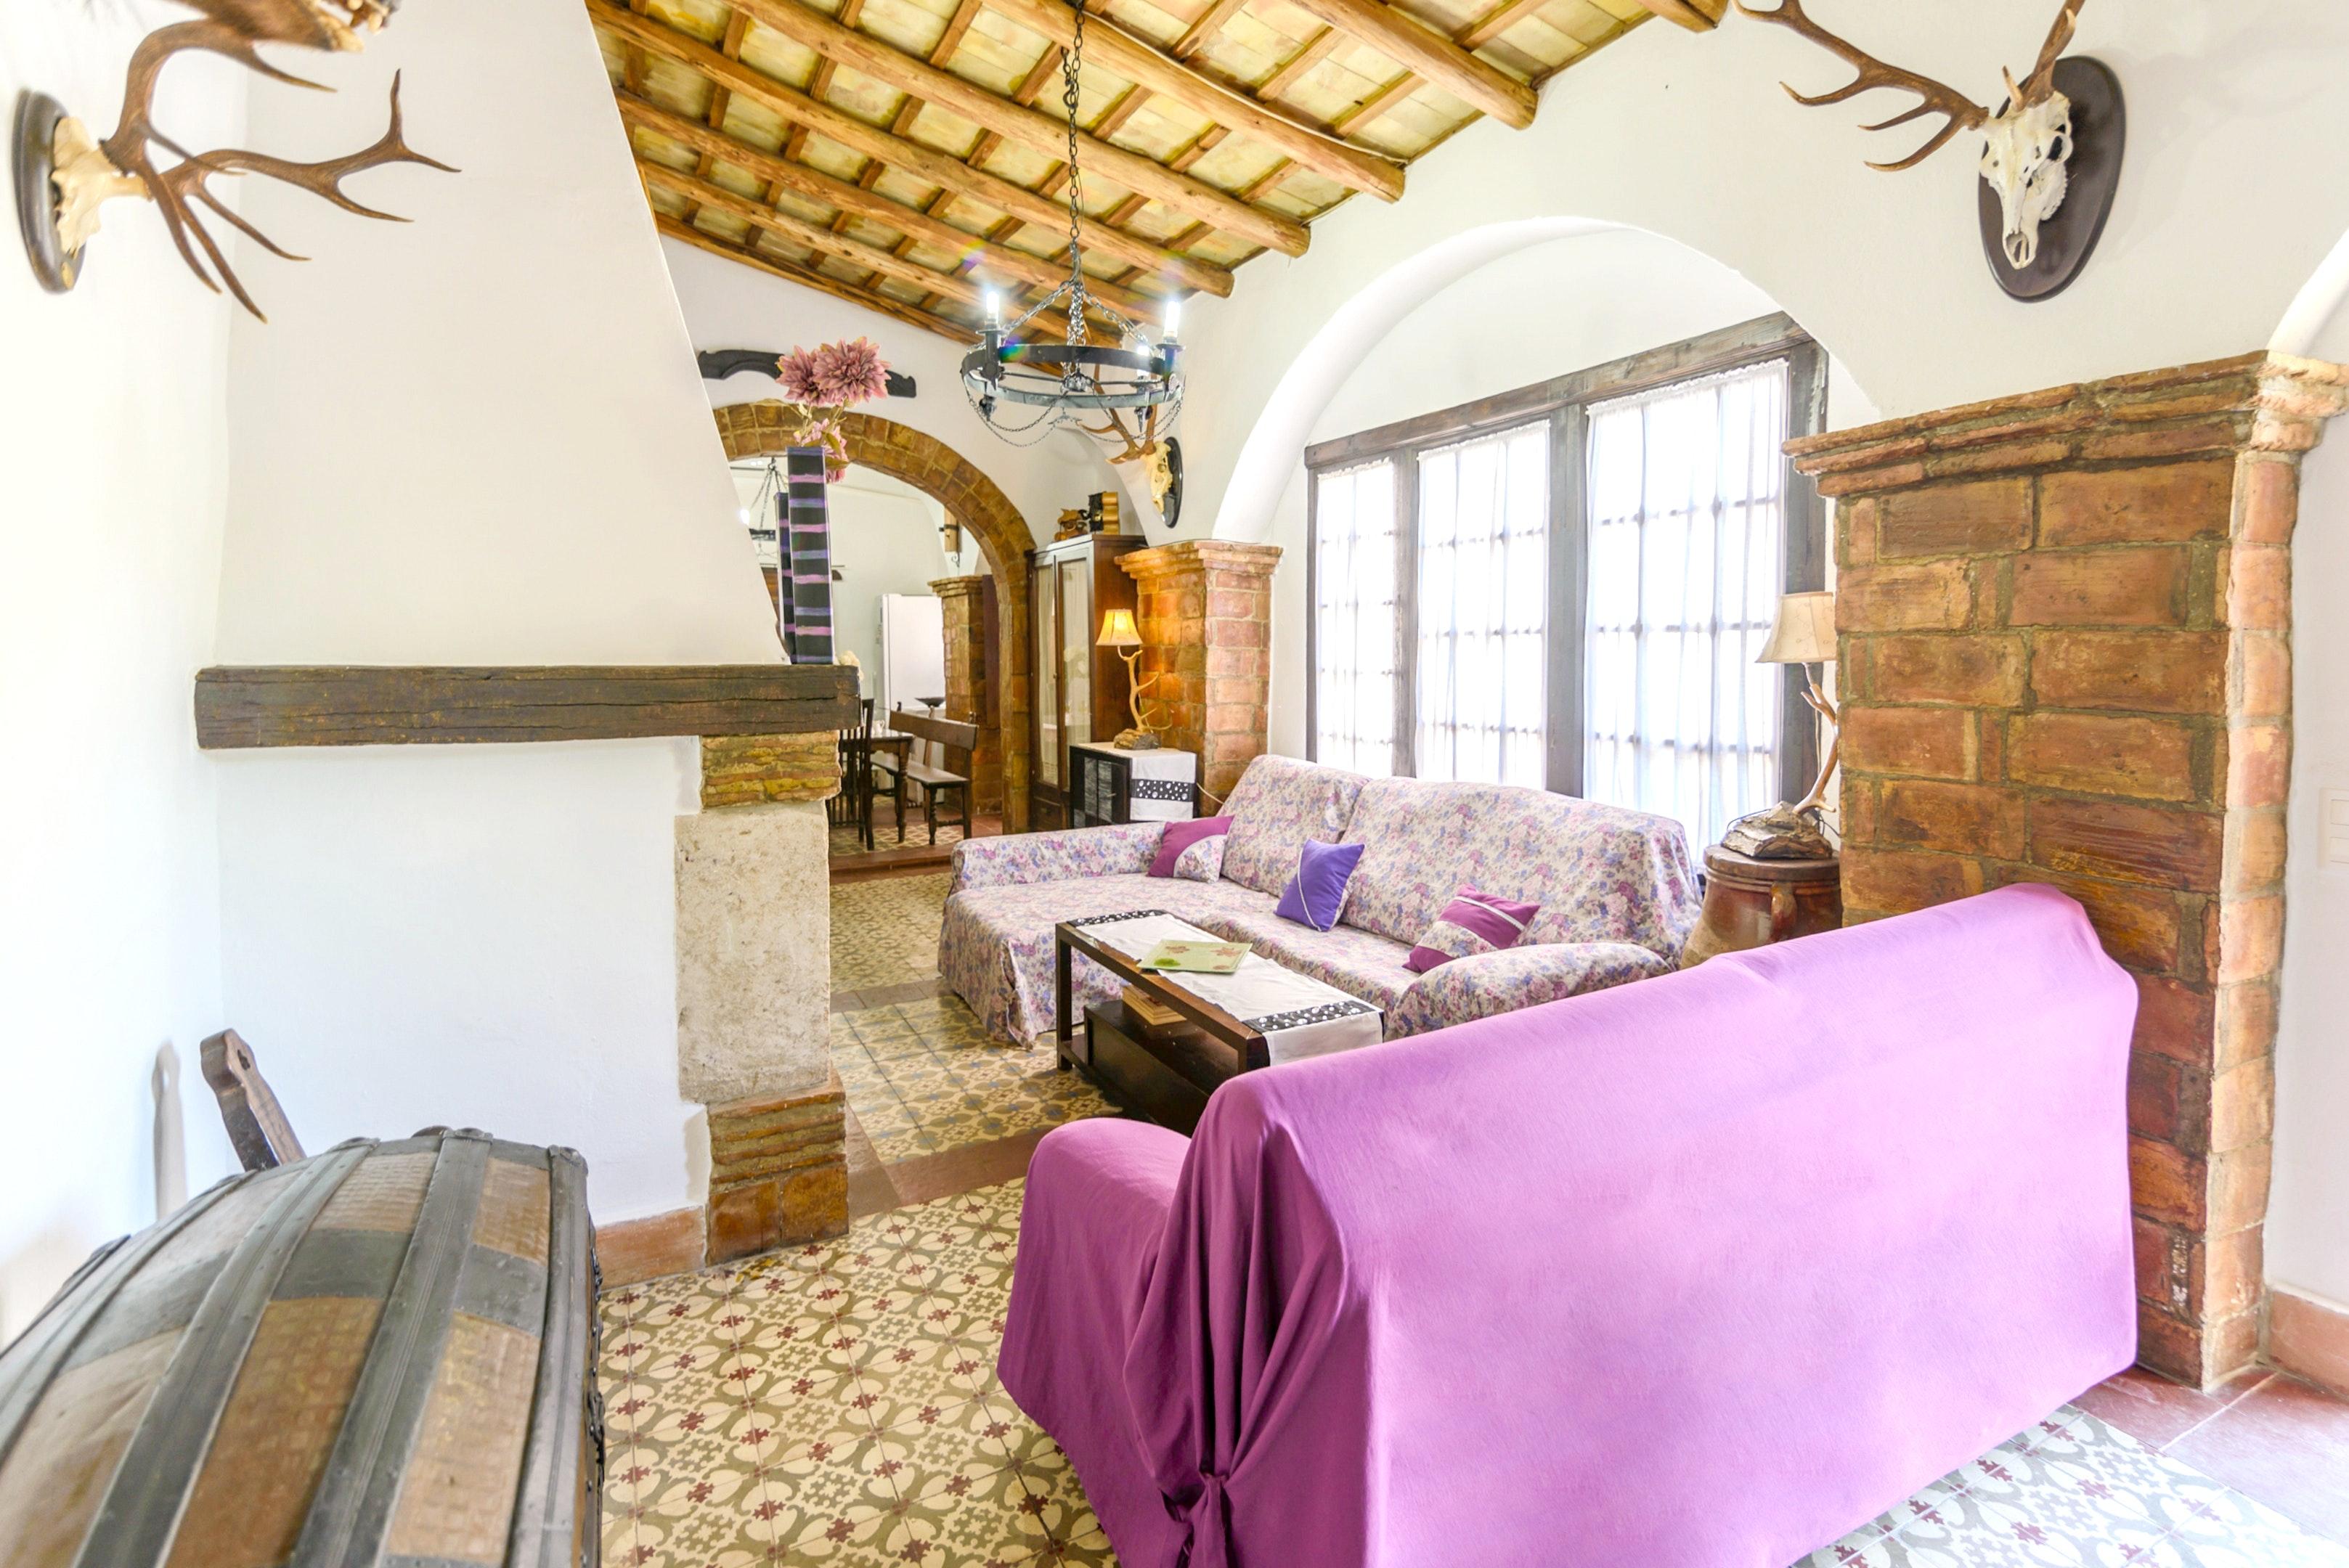 Ferienhaus Villa mit 3 Schlafzimmern in Peñaflor mit privatem Pool, eingezäuntem Garten und W-LAN (2208249), Peñaflor, Sevilla, Andalusien, Spanien, Bild 47